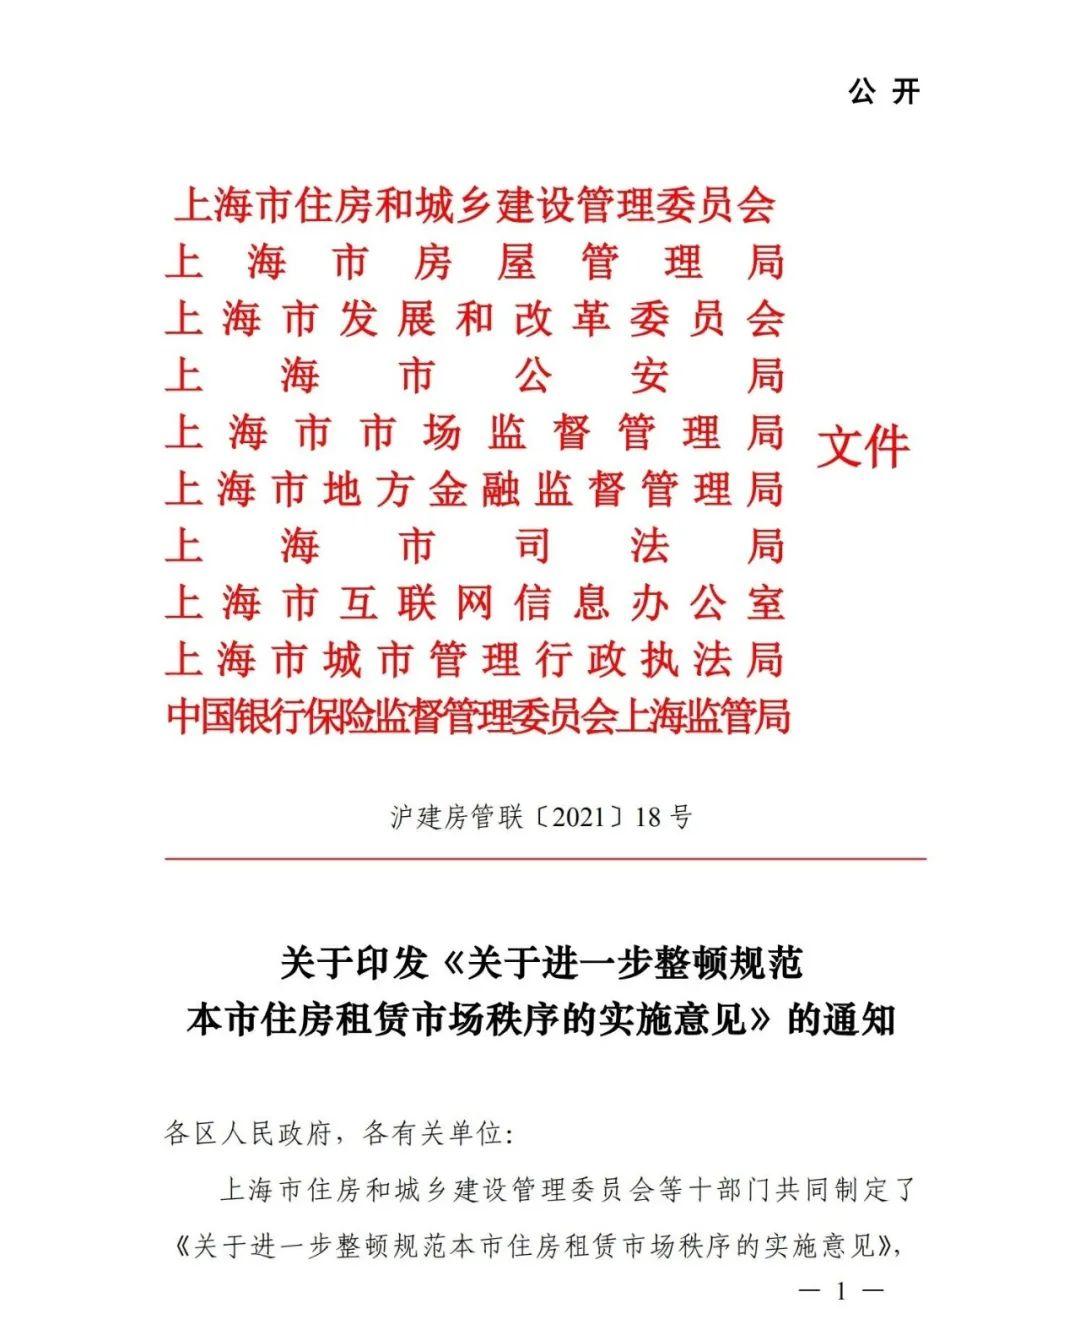 """上海整顿住房租赁市场秩序:严控租金贷 遏制""""长收短付""""等行为住房-租赁"""